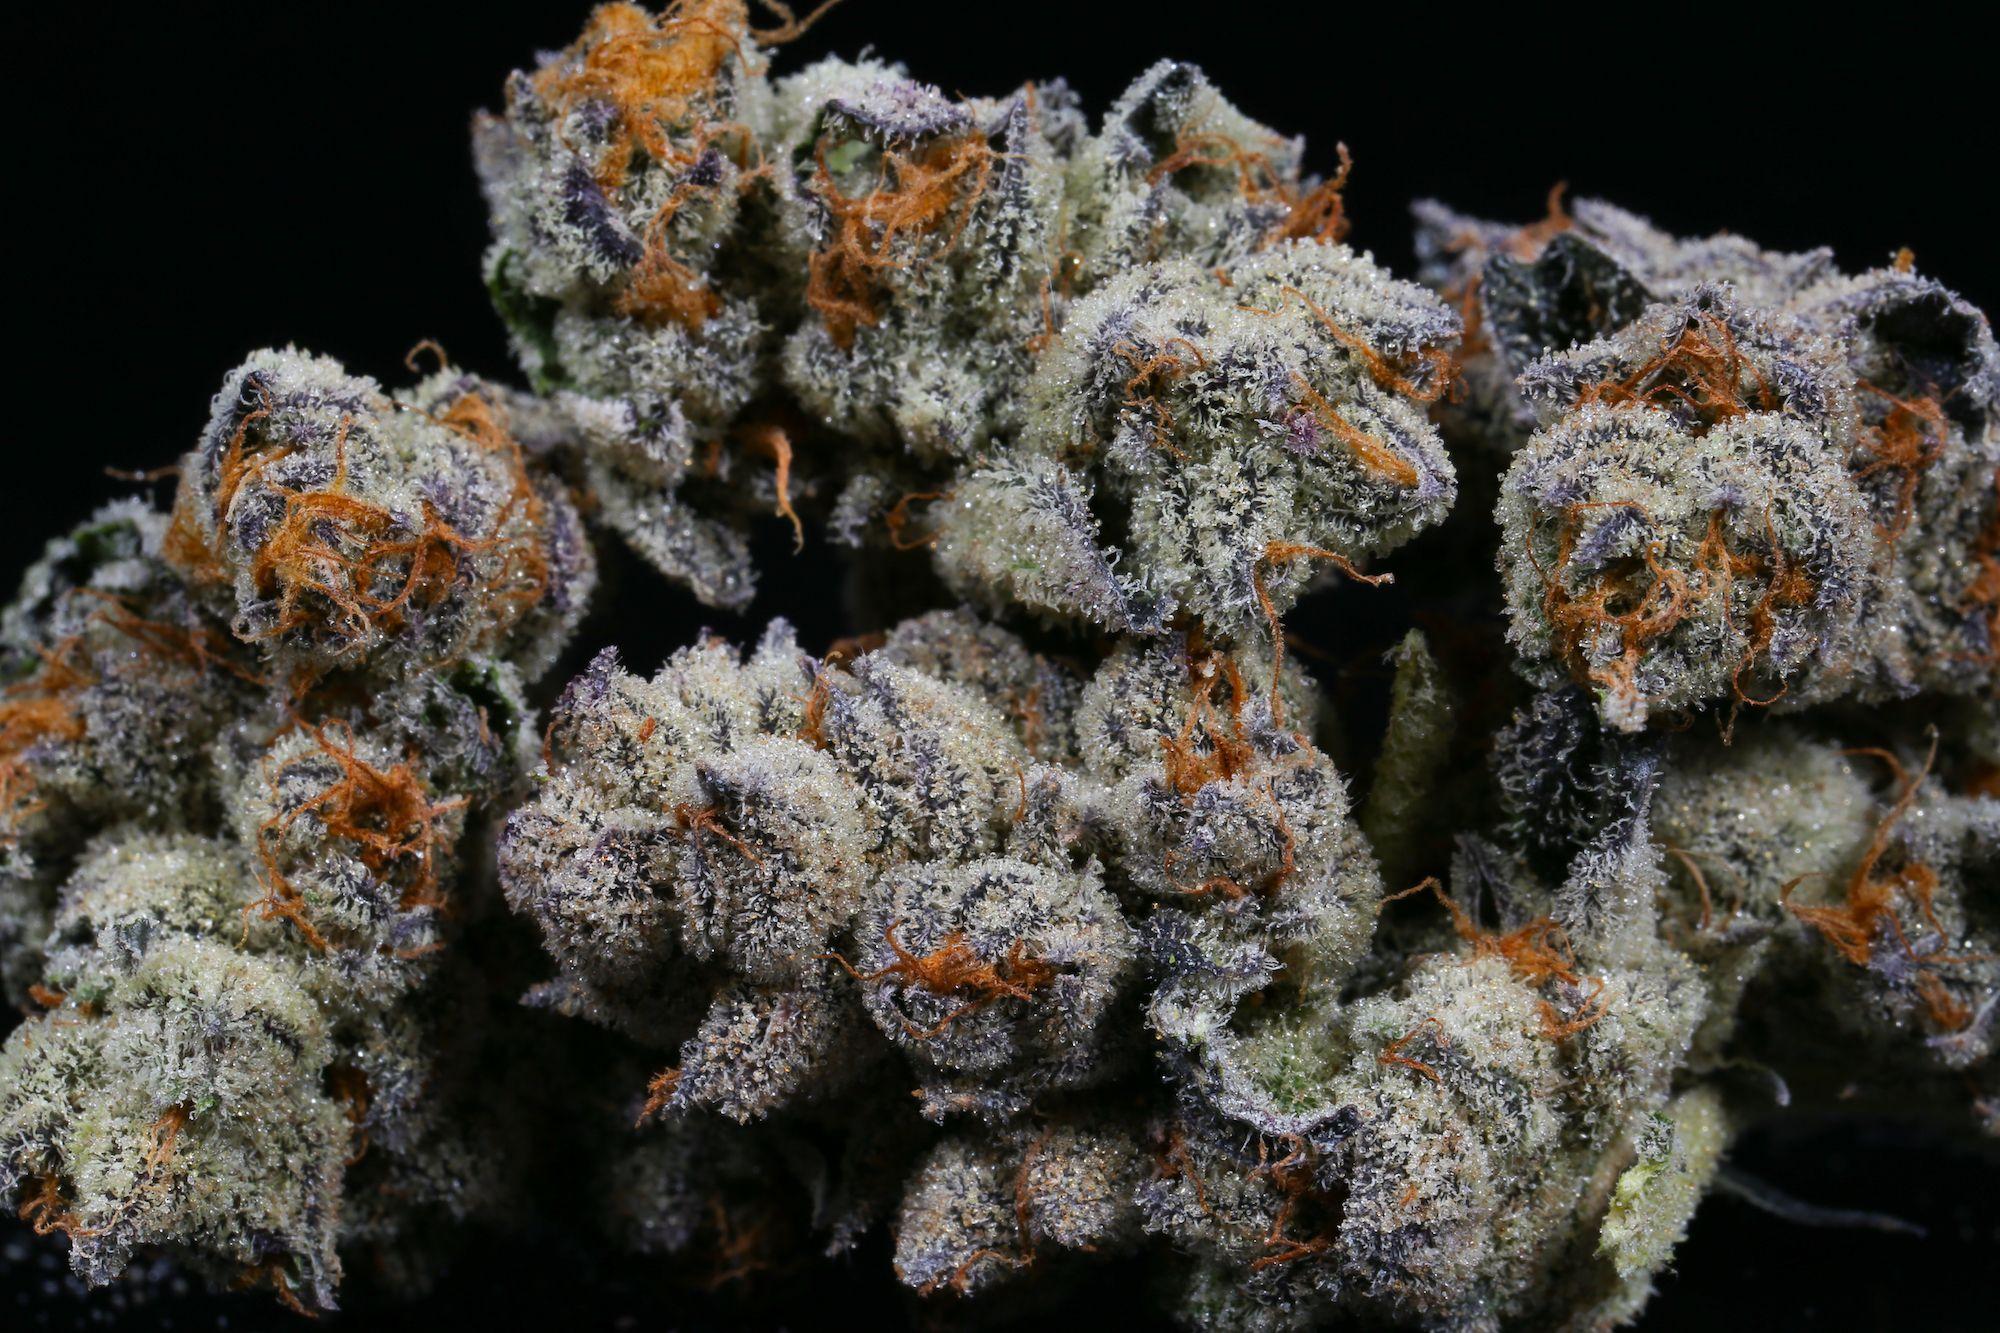 1590441699538_purple-punch-weed-strain-larry-og-grandaddy-purple-the-village-best-weed-ever-denver-dispensary-herbal-cure-9.jpg